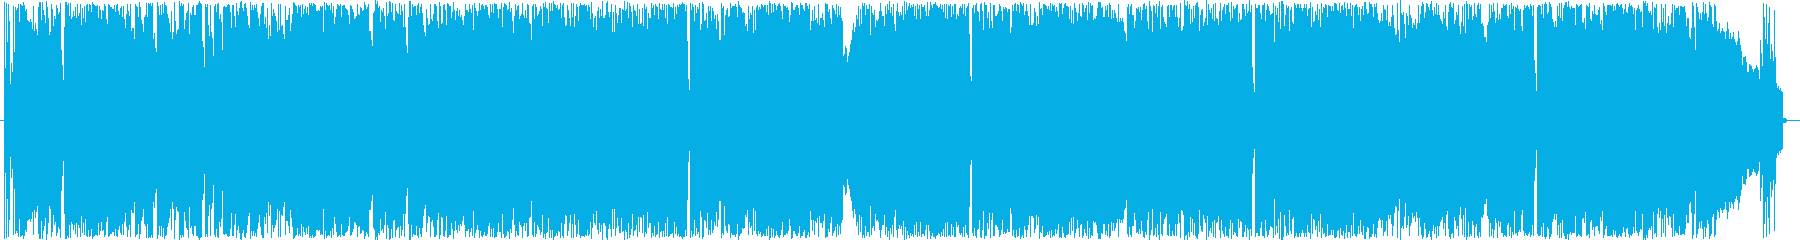 ブラス楽器がメインのバンドサウンドの再生済みの波形